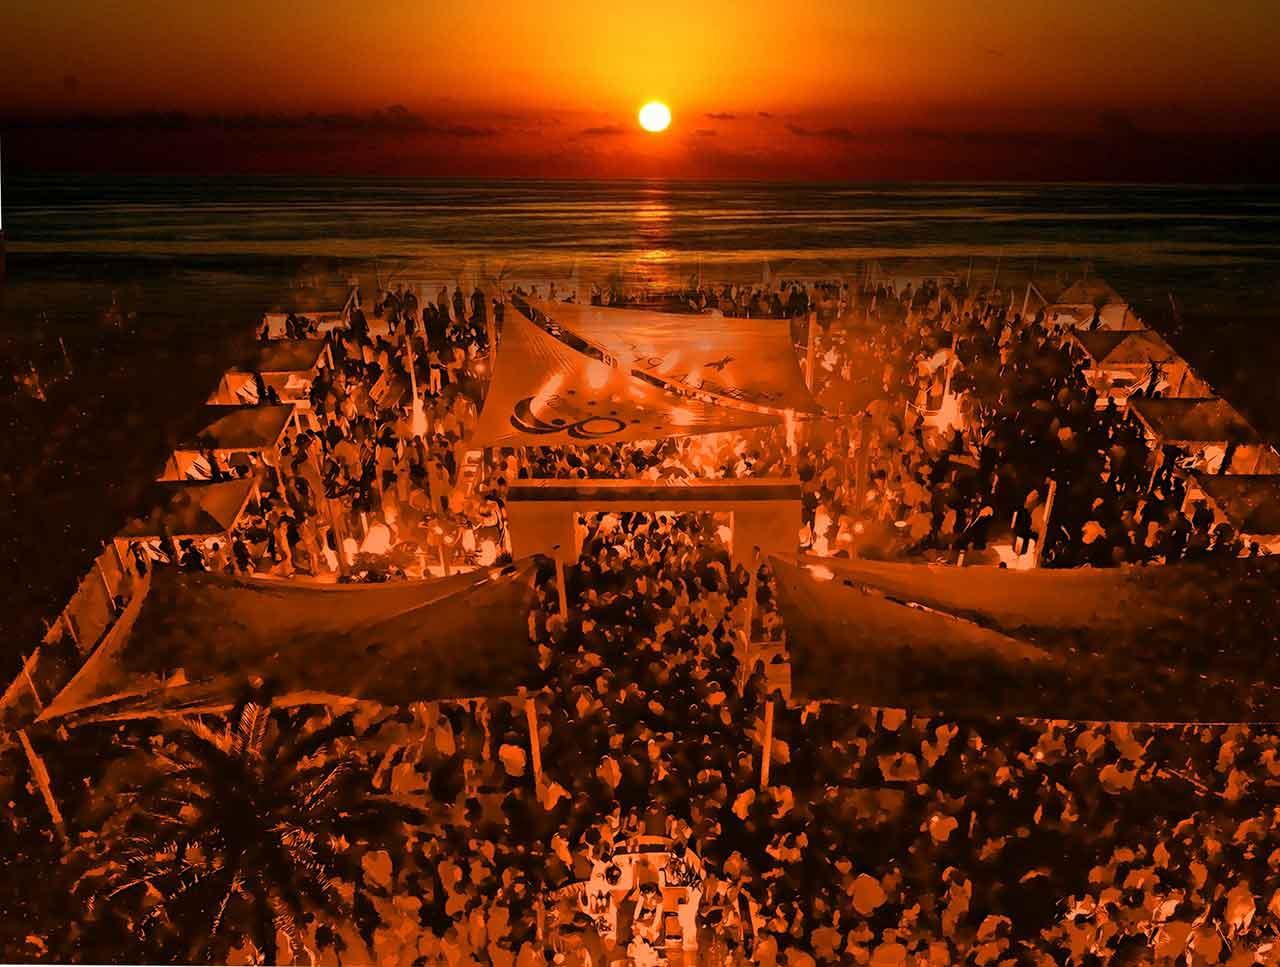 ostras-beach-sunset